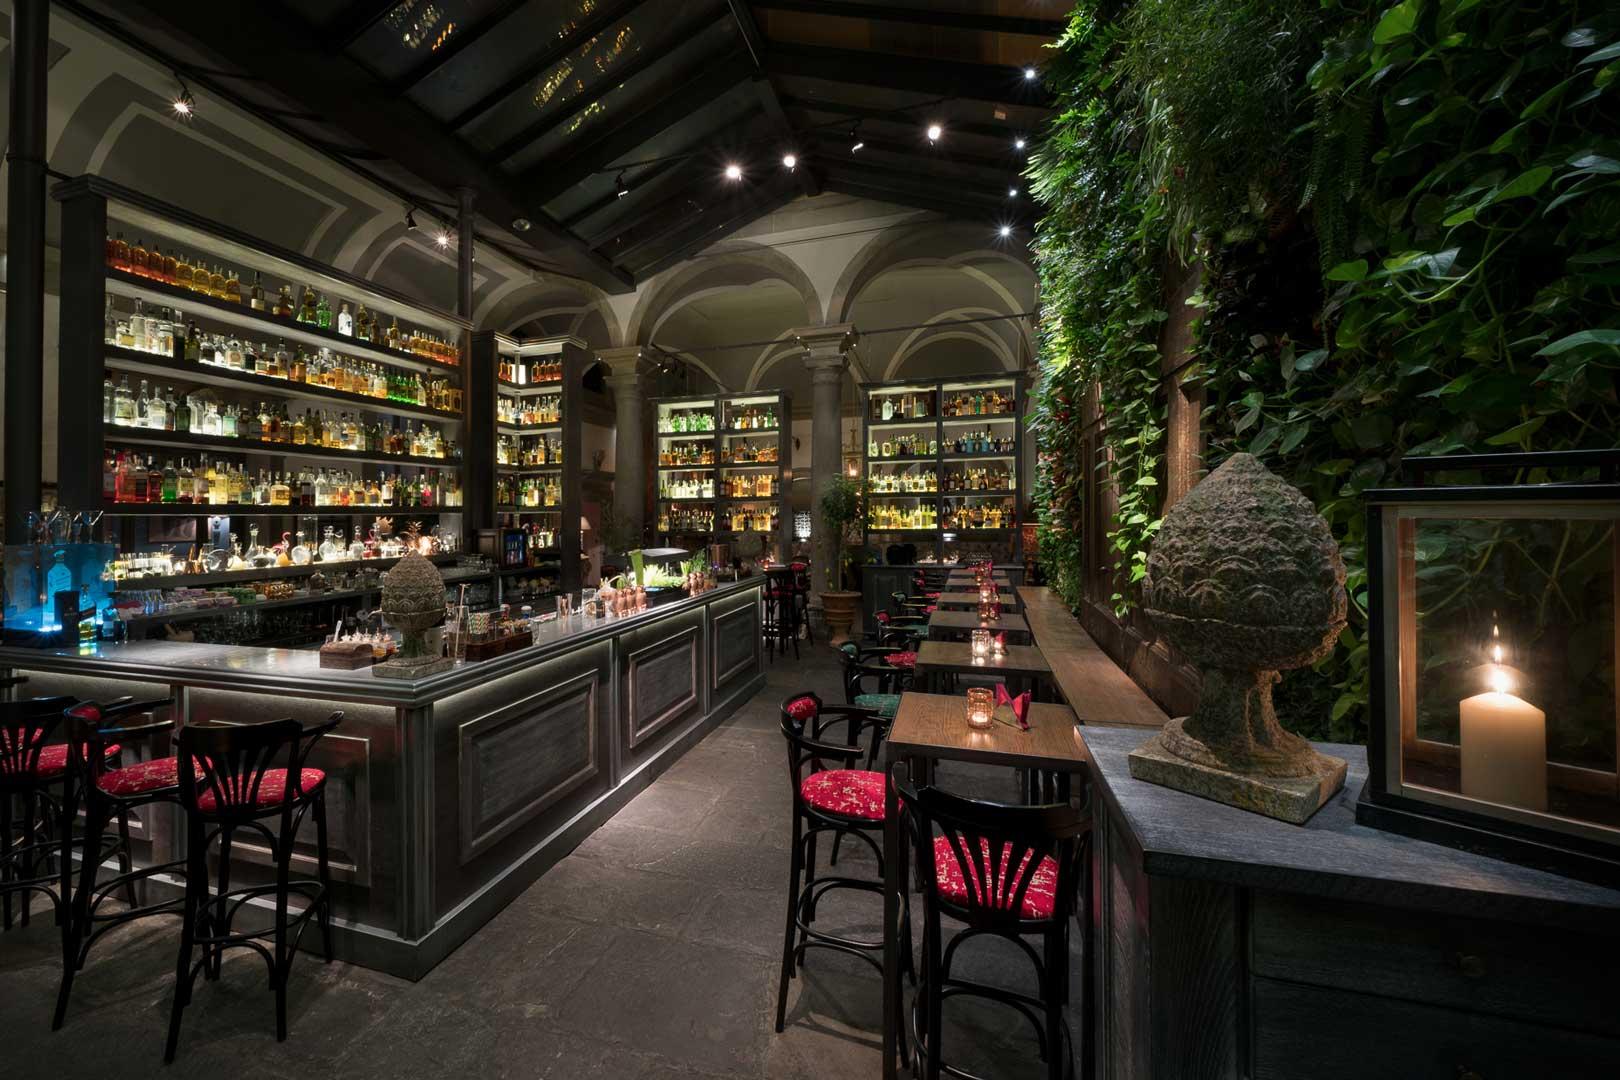 I 10 migliori cocktail bar d'Italia - Locale